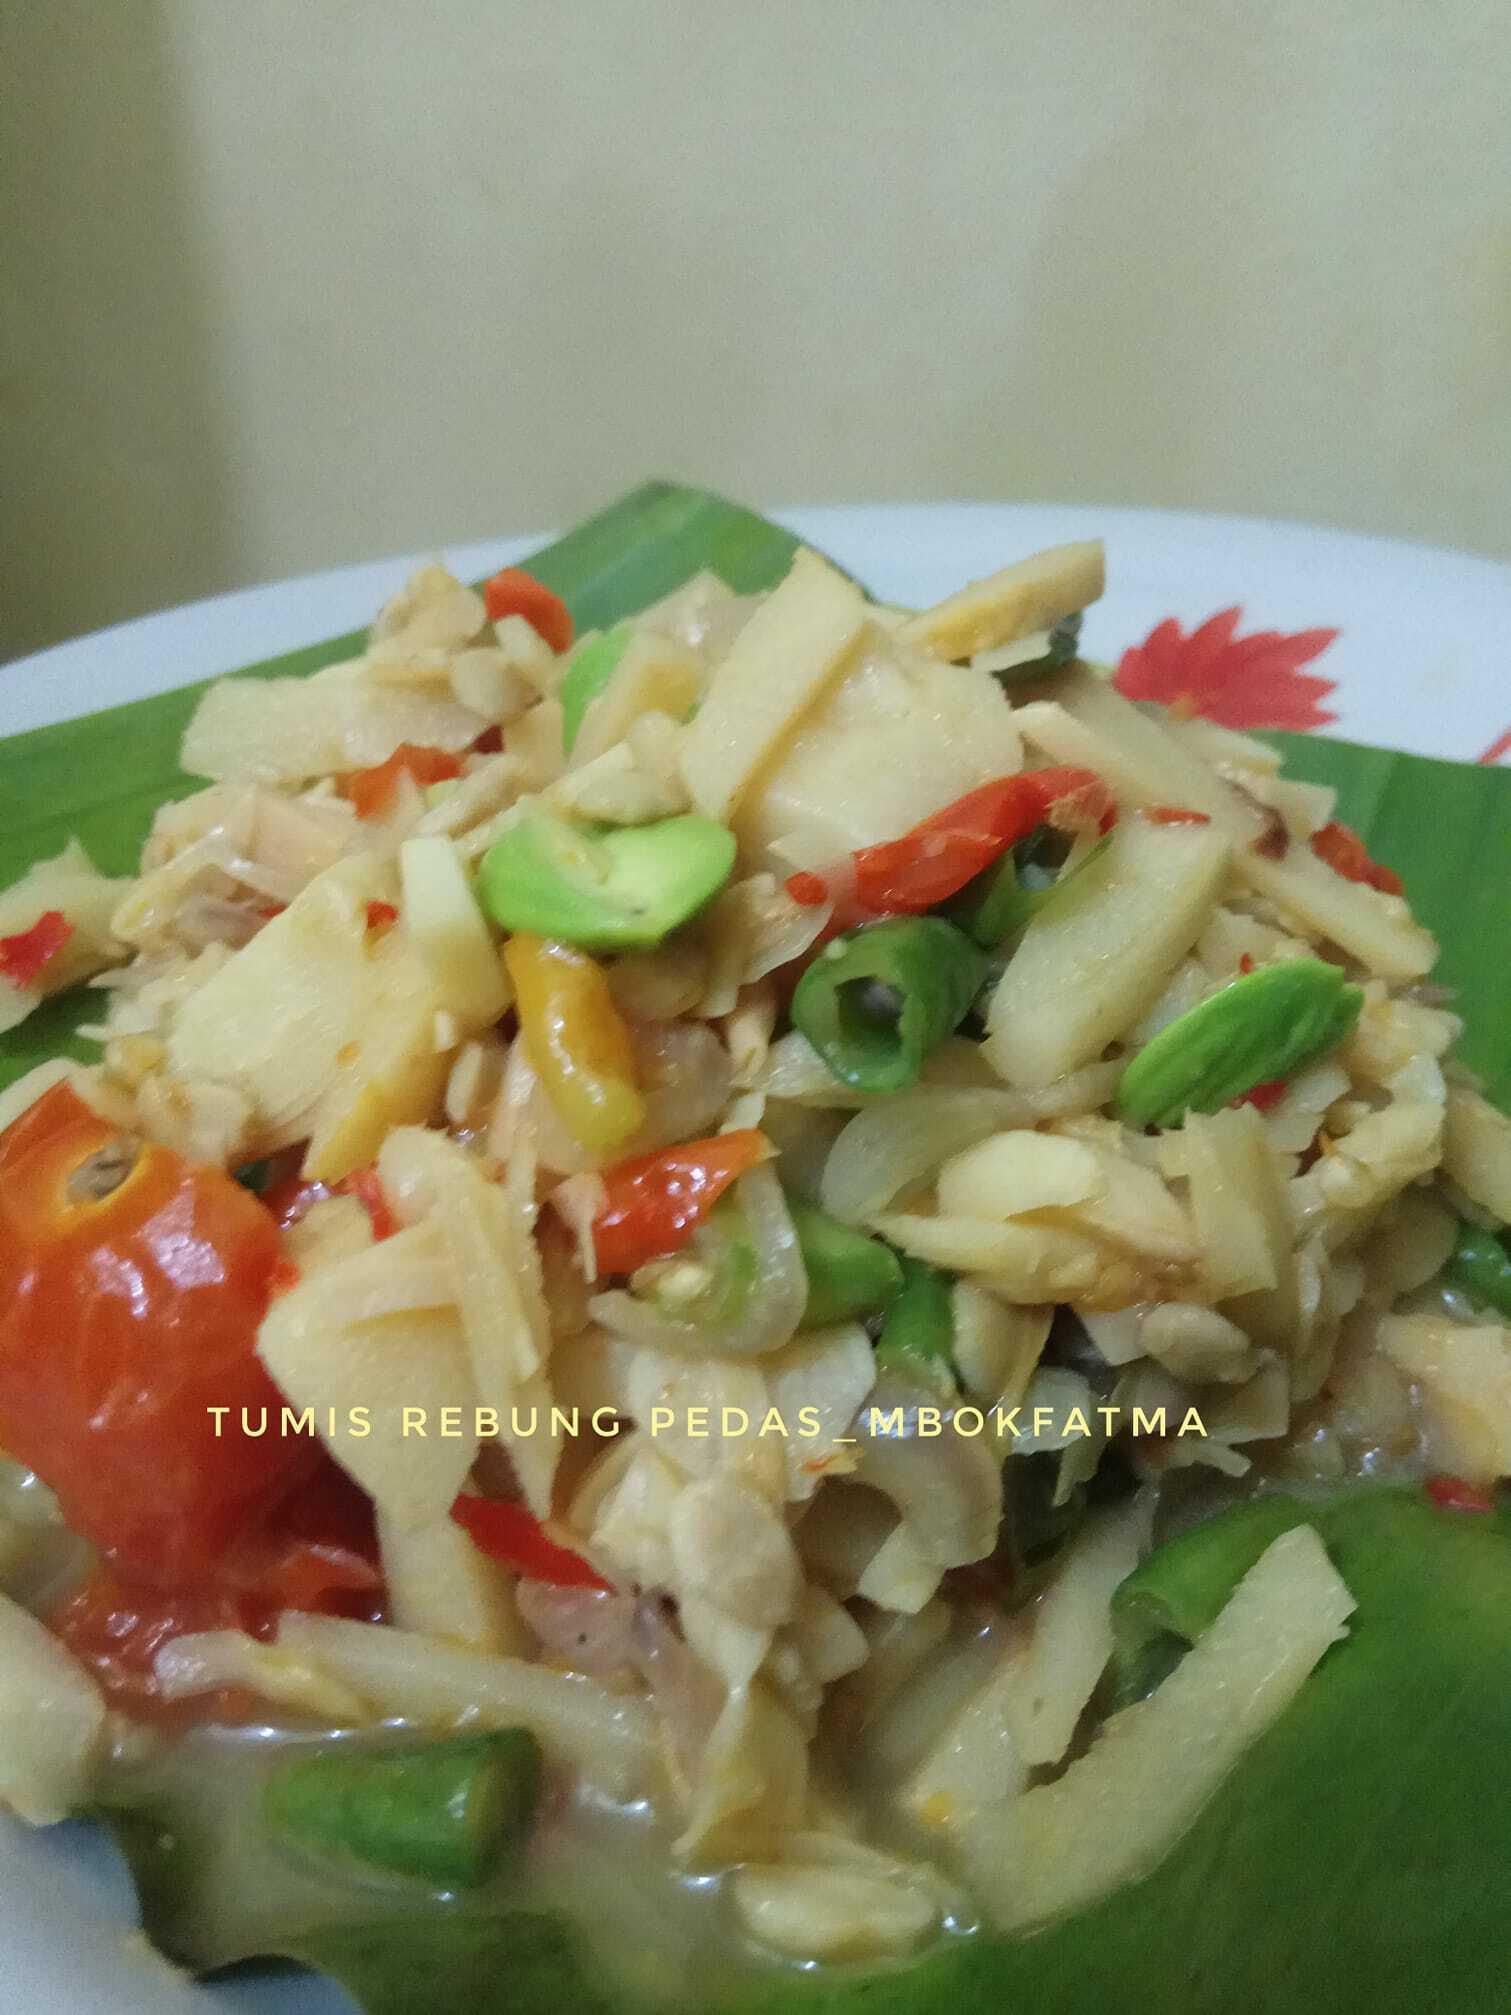 nambah nasi karena TUMIS REBUNG PEDAS by Yuni Fatmawati